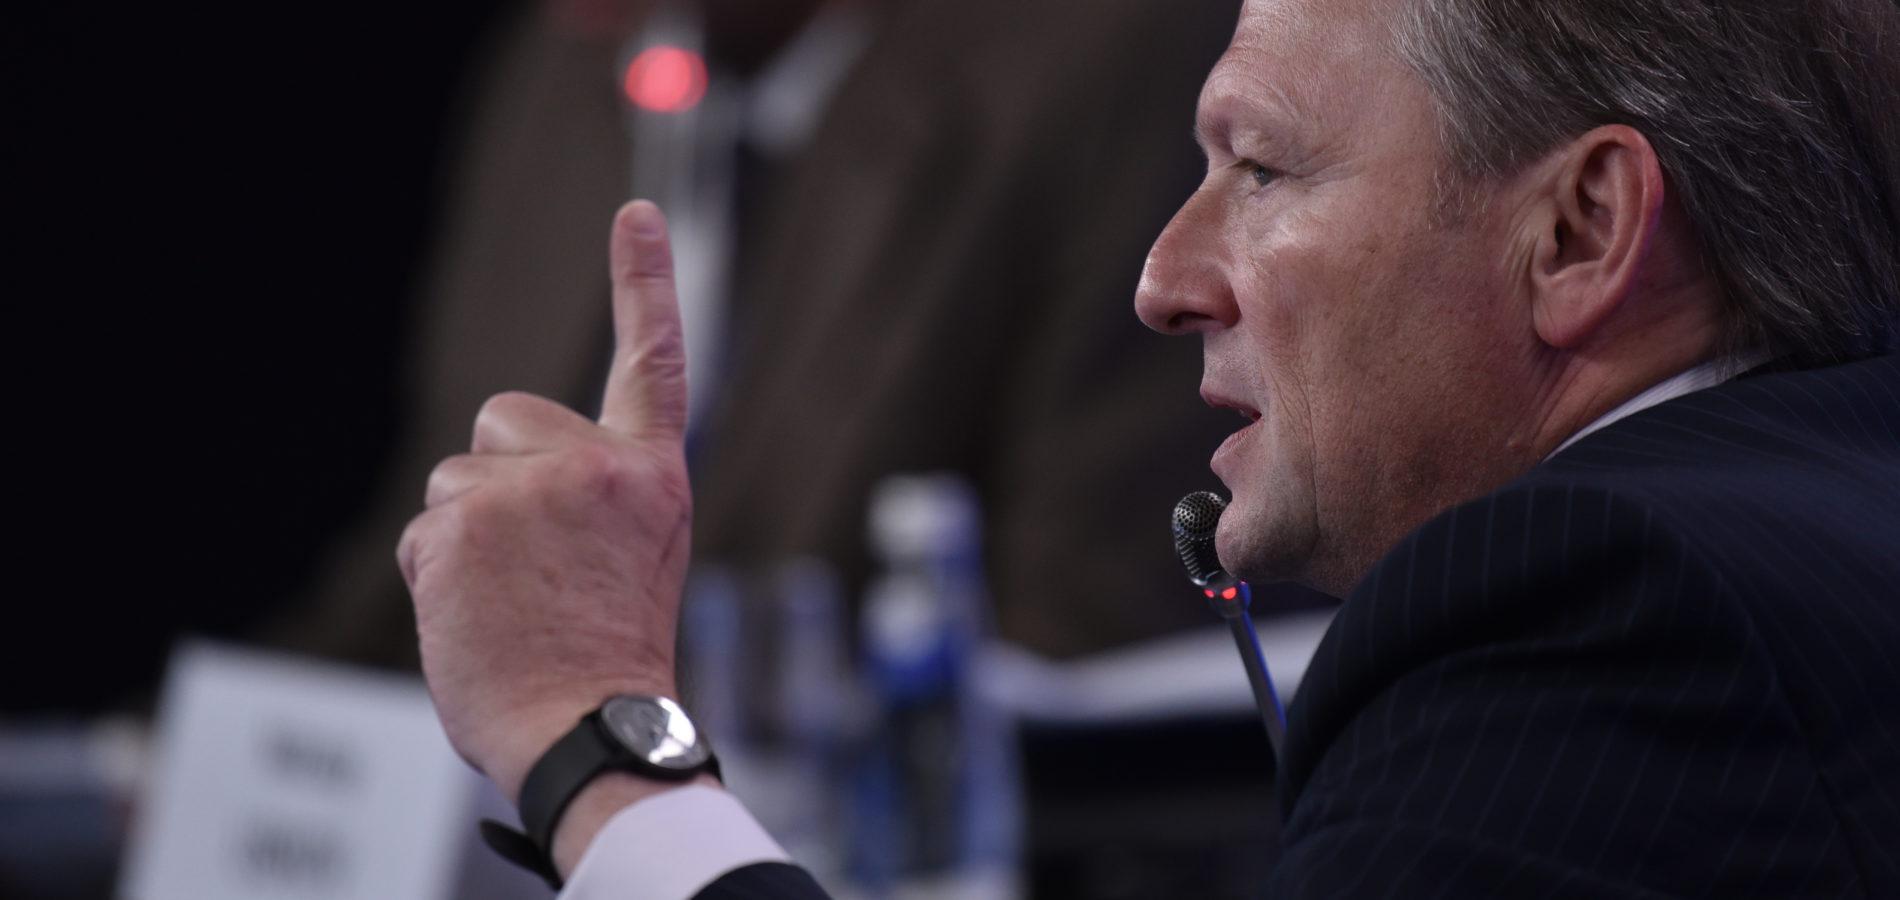 Борис Титов: Мы еще слишком зависимы от нефти